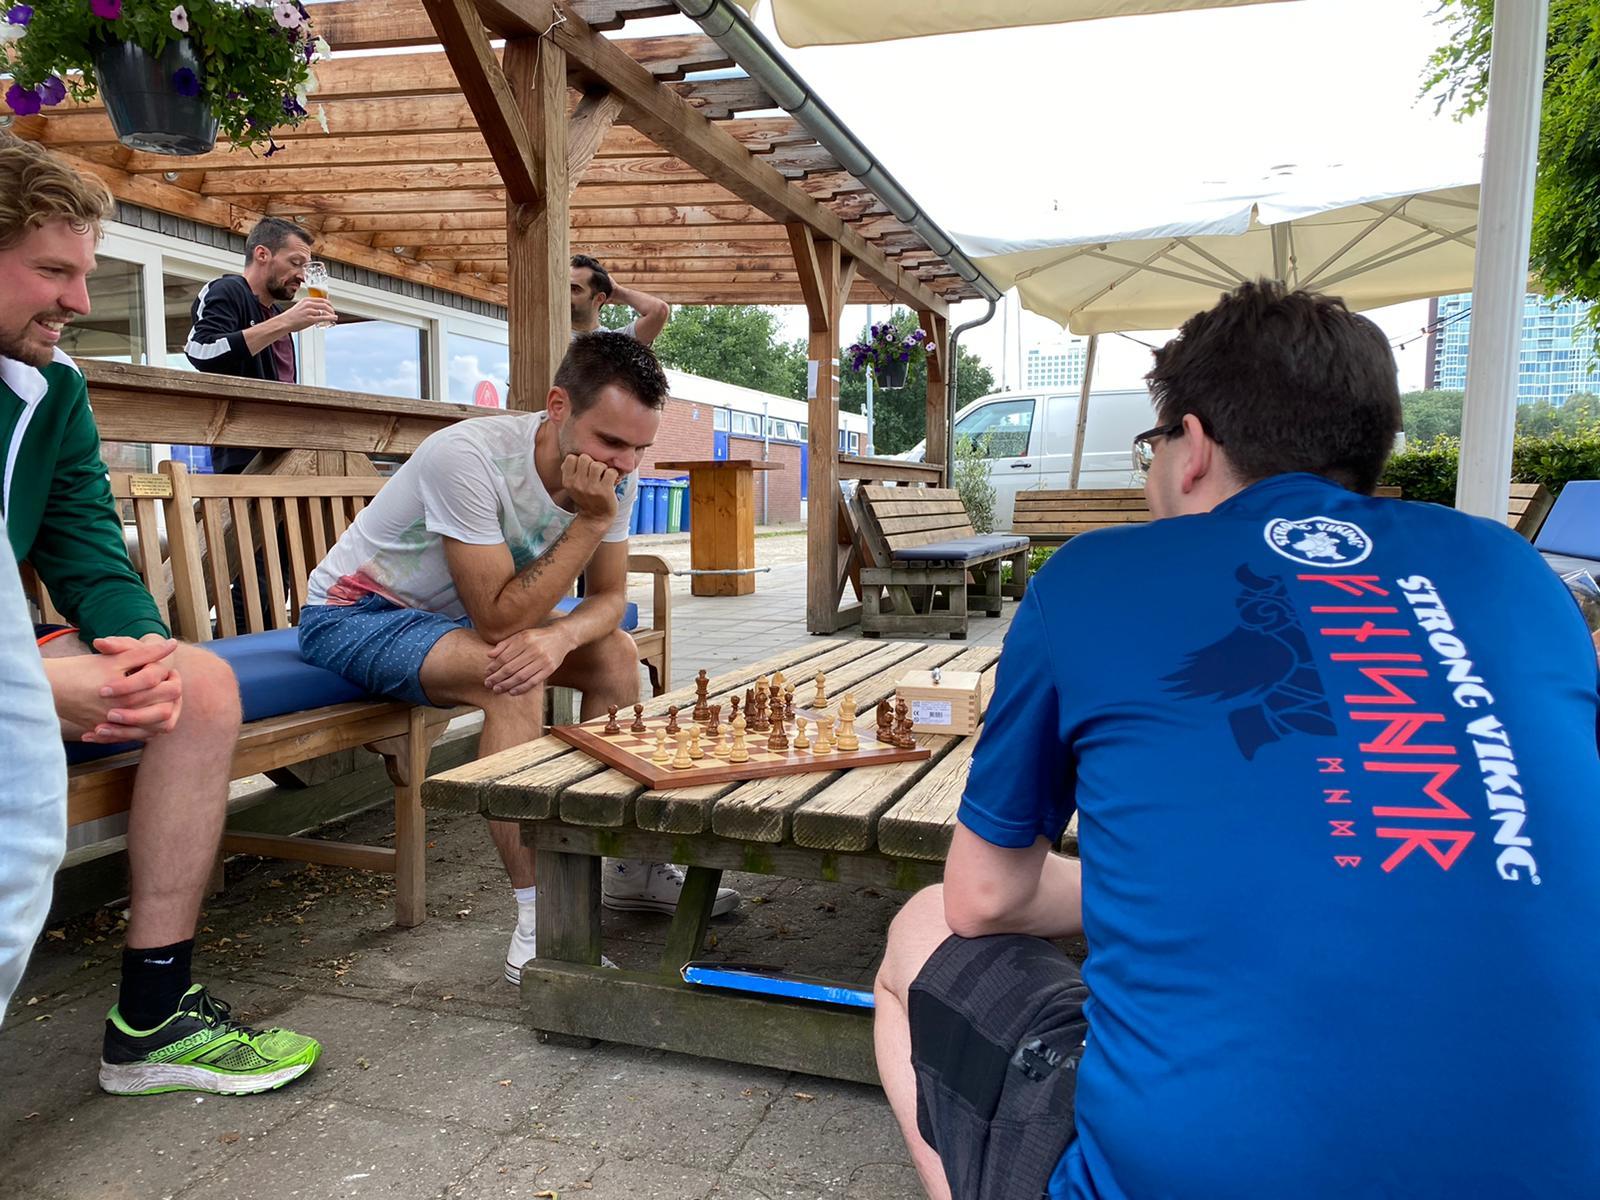 Buiten spelen chess